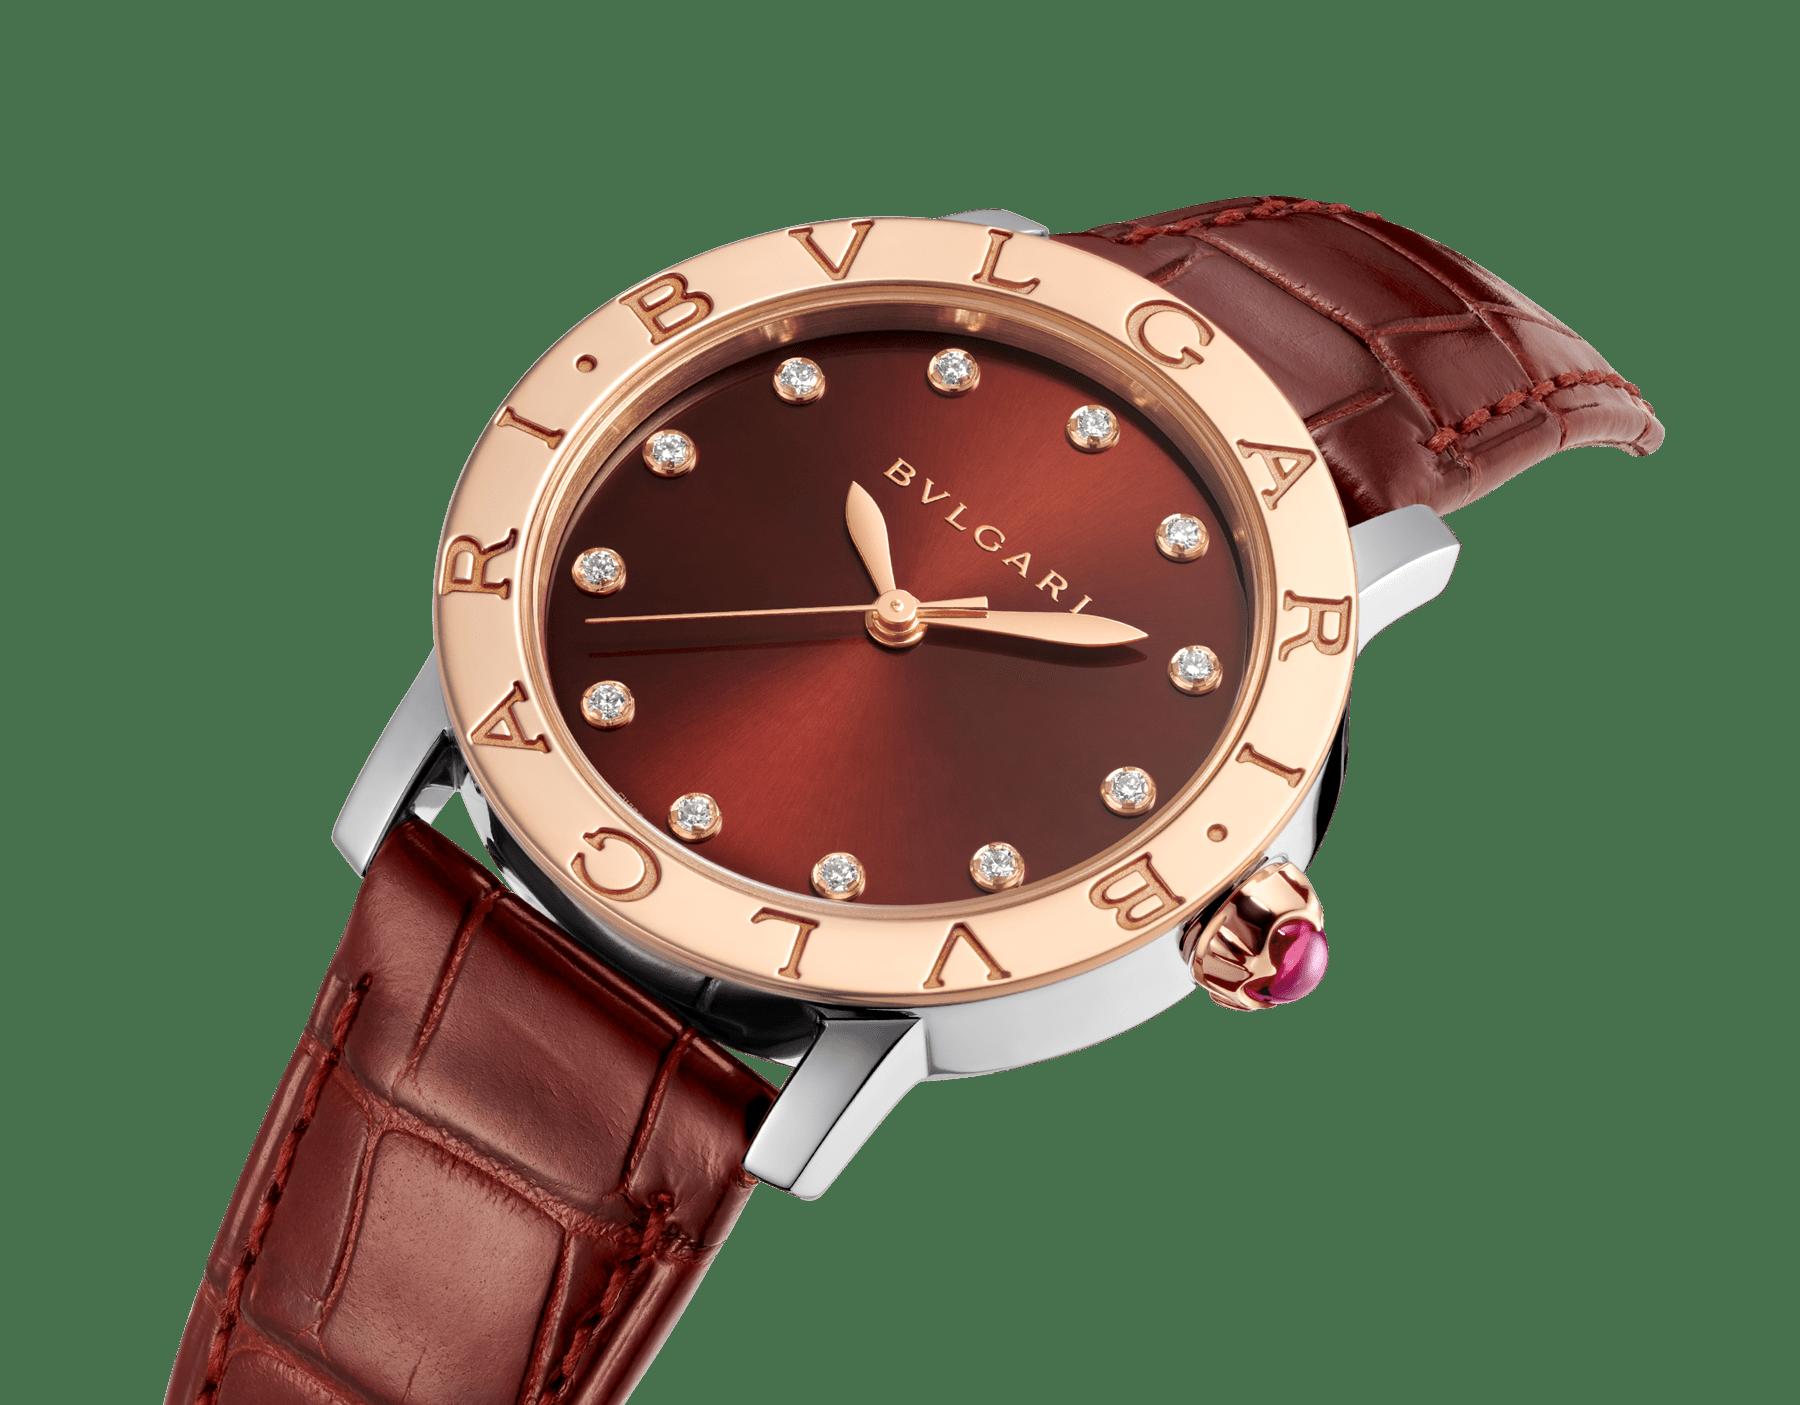 Relógio BVLGARIBVLGARI com caixa em aço inoxidável, bezel em ouro rosa 18K, mostrador laqueado acetinado marrom soleil, índices de diamante dourados e pulseira em couro de jacaré marrom escuro brilhante 102742 image 2